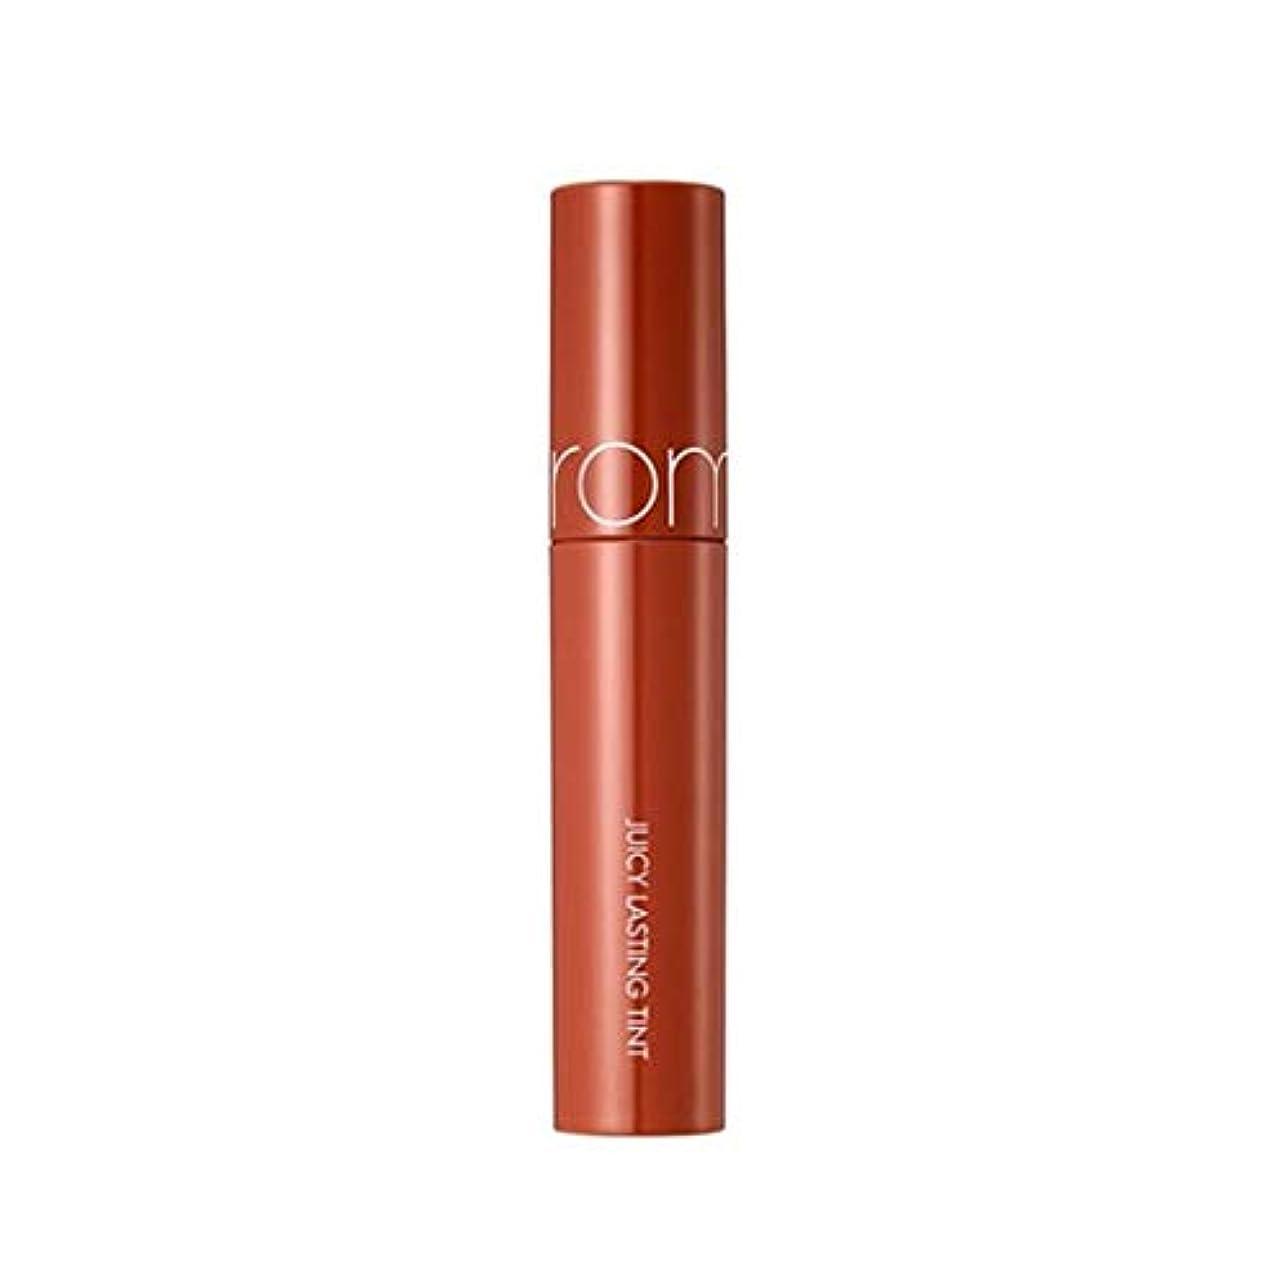 ファブリック視力ピアノを弾くローム?アンド?ジューシーラスティングティントリップティントNo.10~No.13韓国コスメ、Rom&nd Juicy Lasting Tint Lip Tint No.10~No.13 Korean Cosmetics...